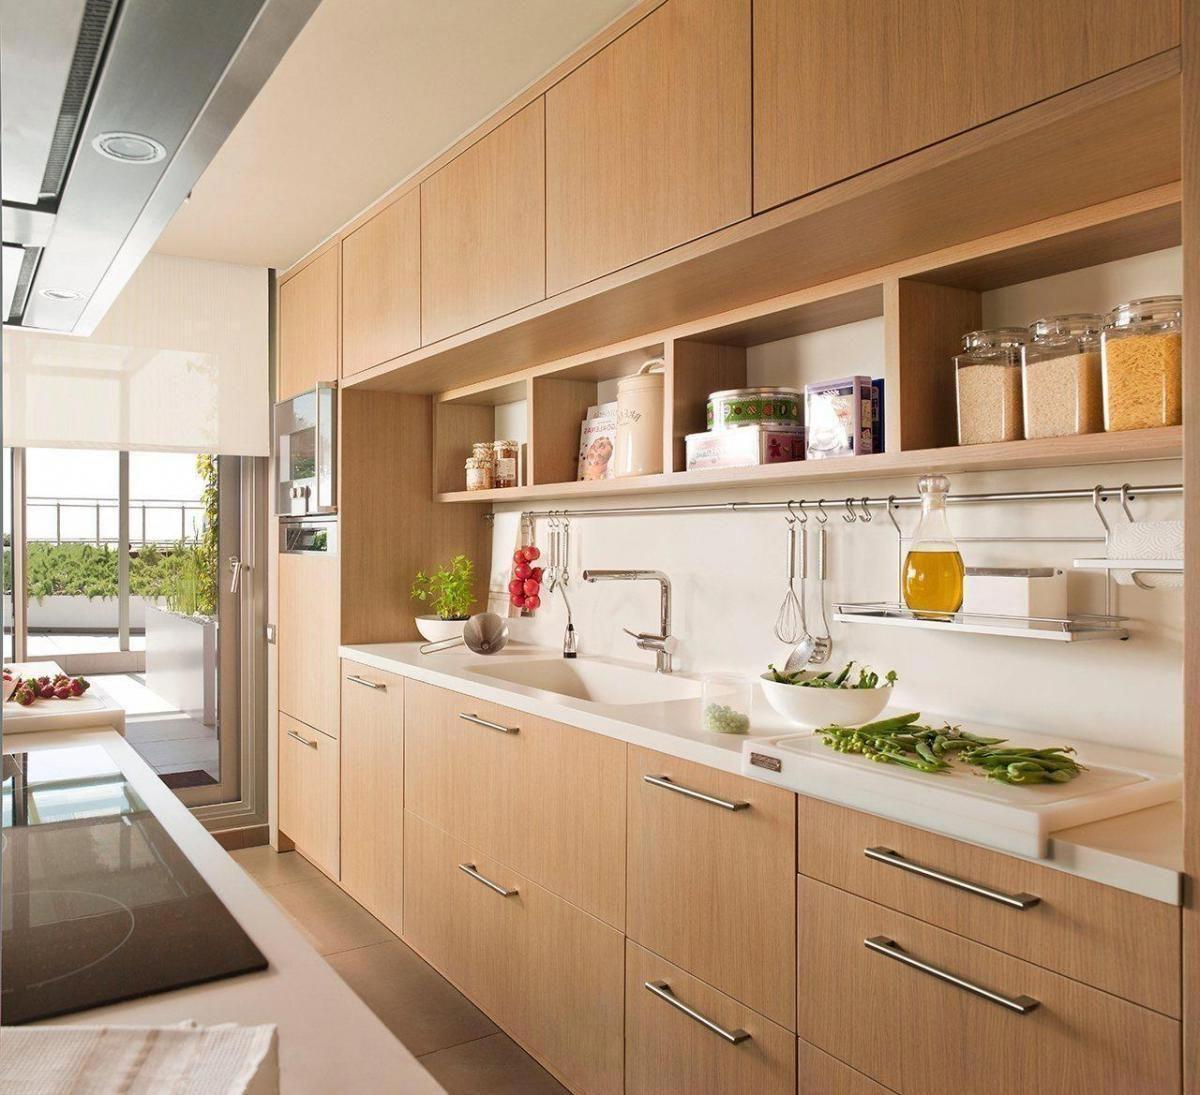 15+ Outdoor kitchen designs near me ideas in 2021